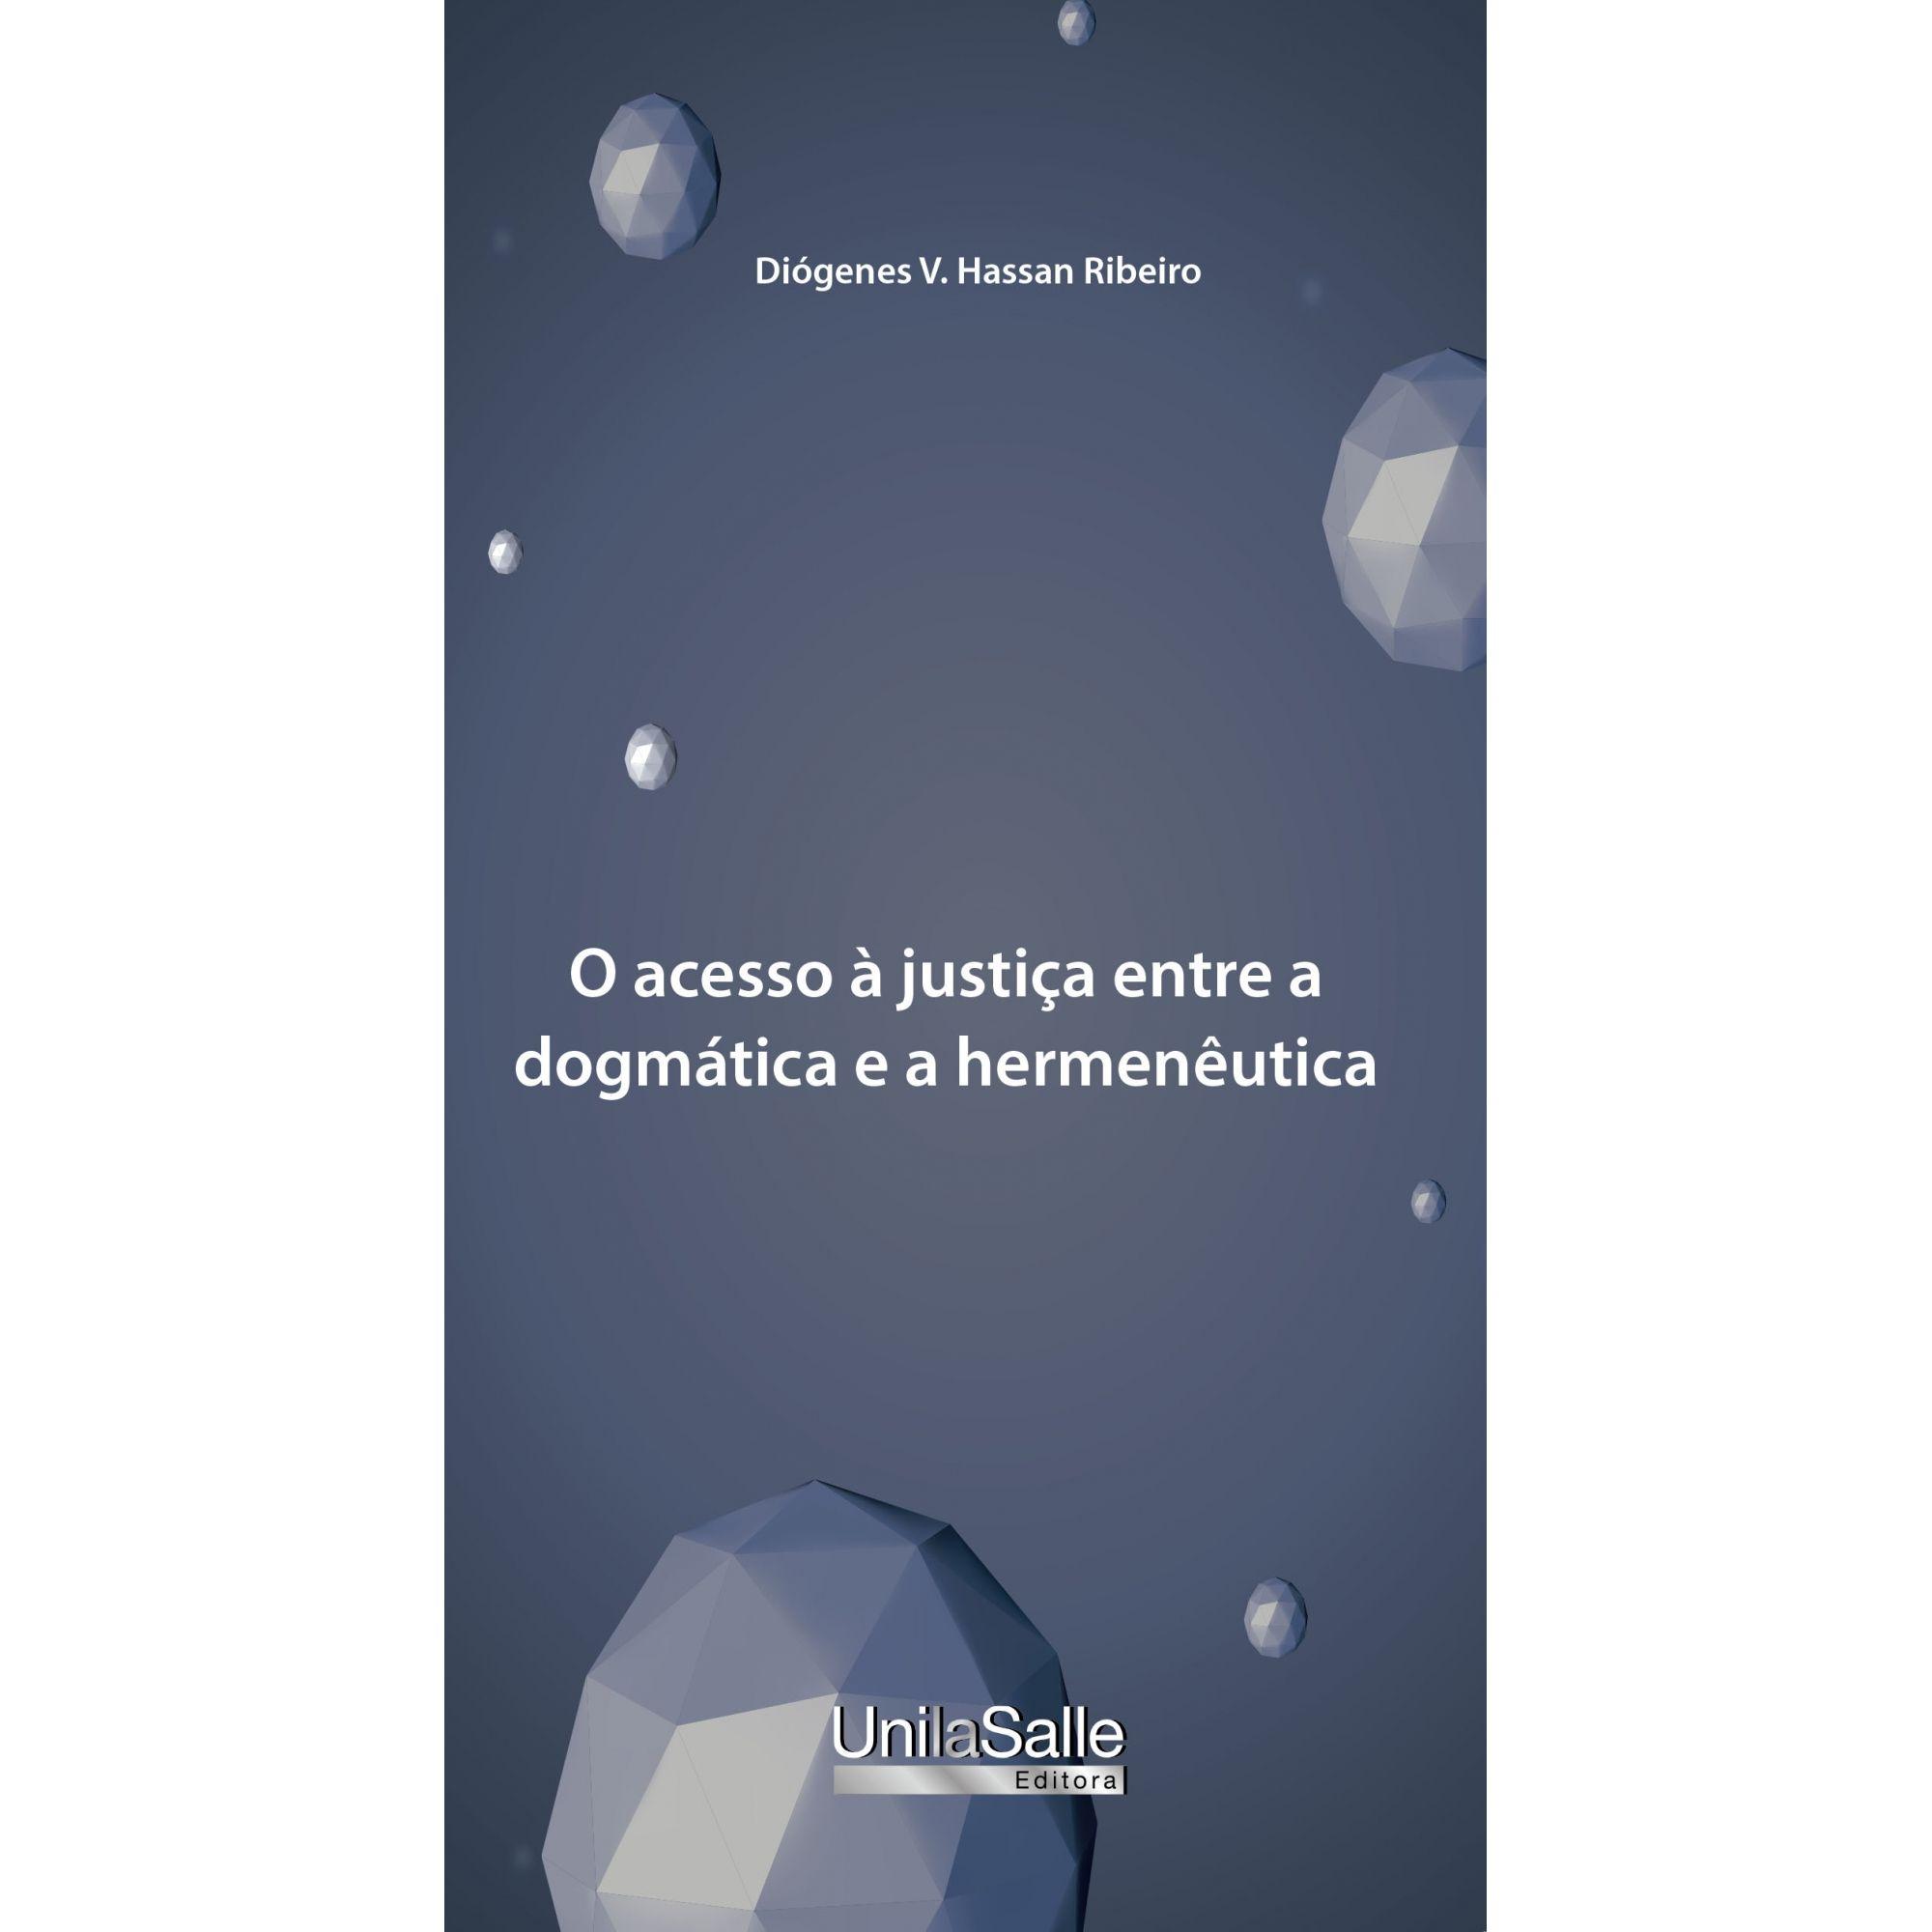 O acesso à justiça entre a dogmática e a hermenêutica